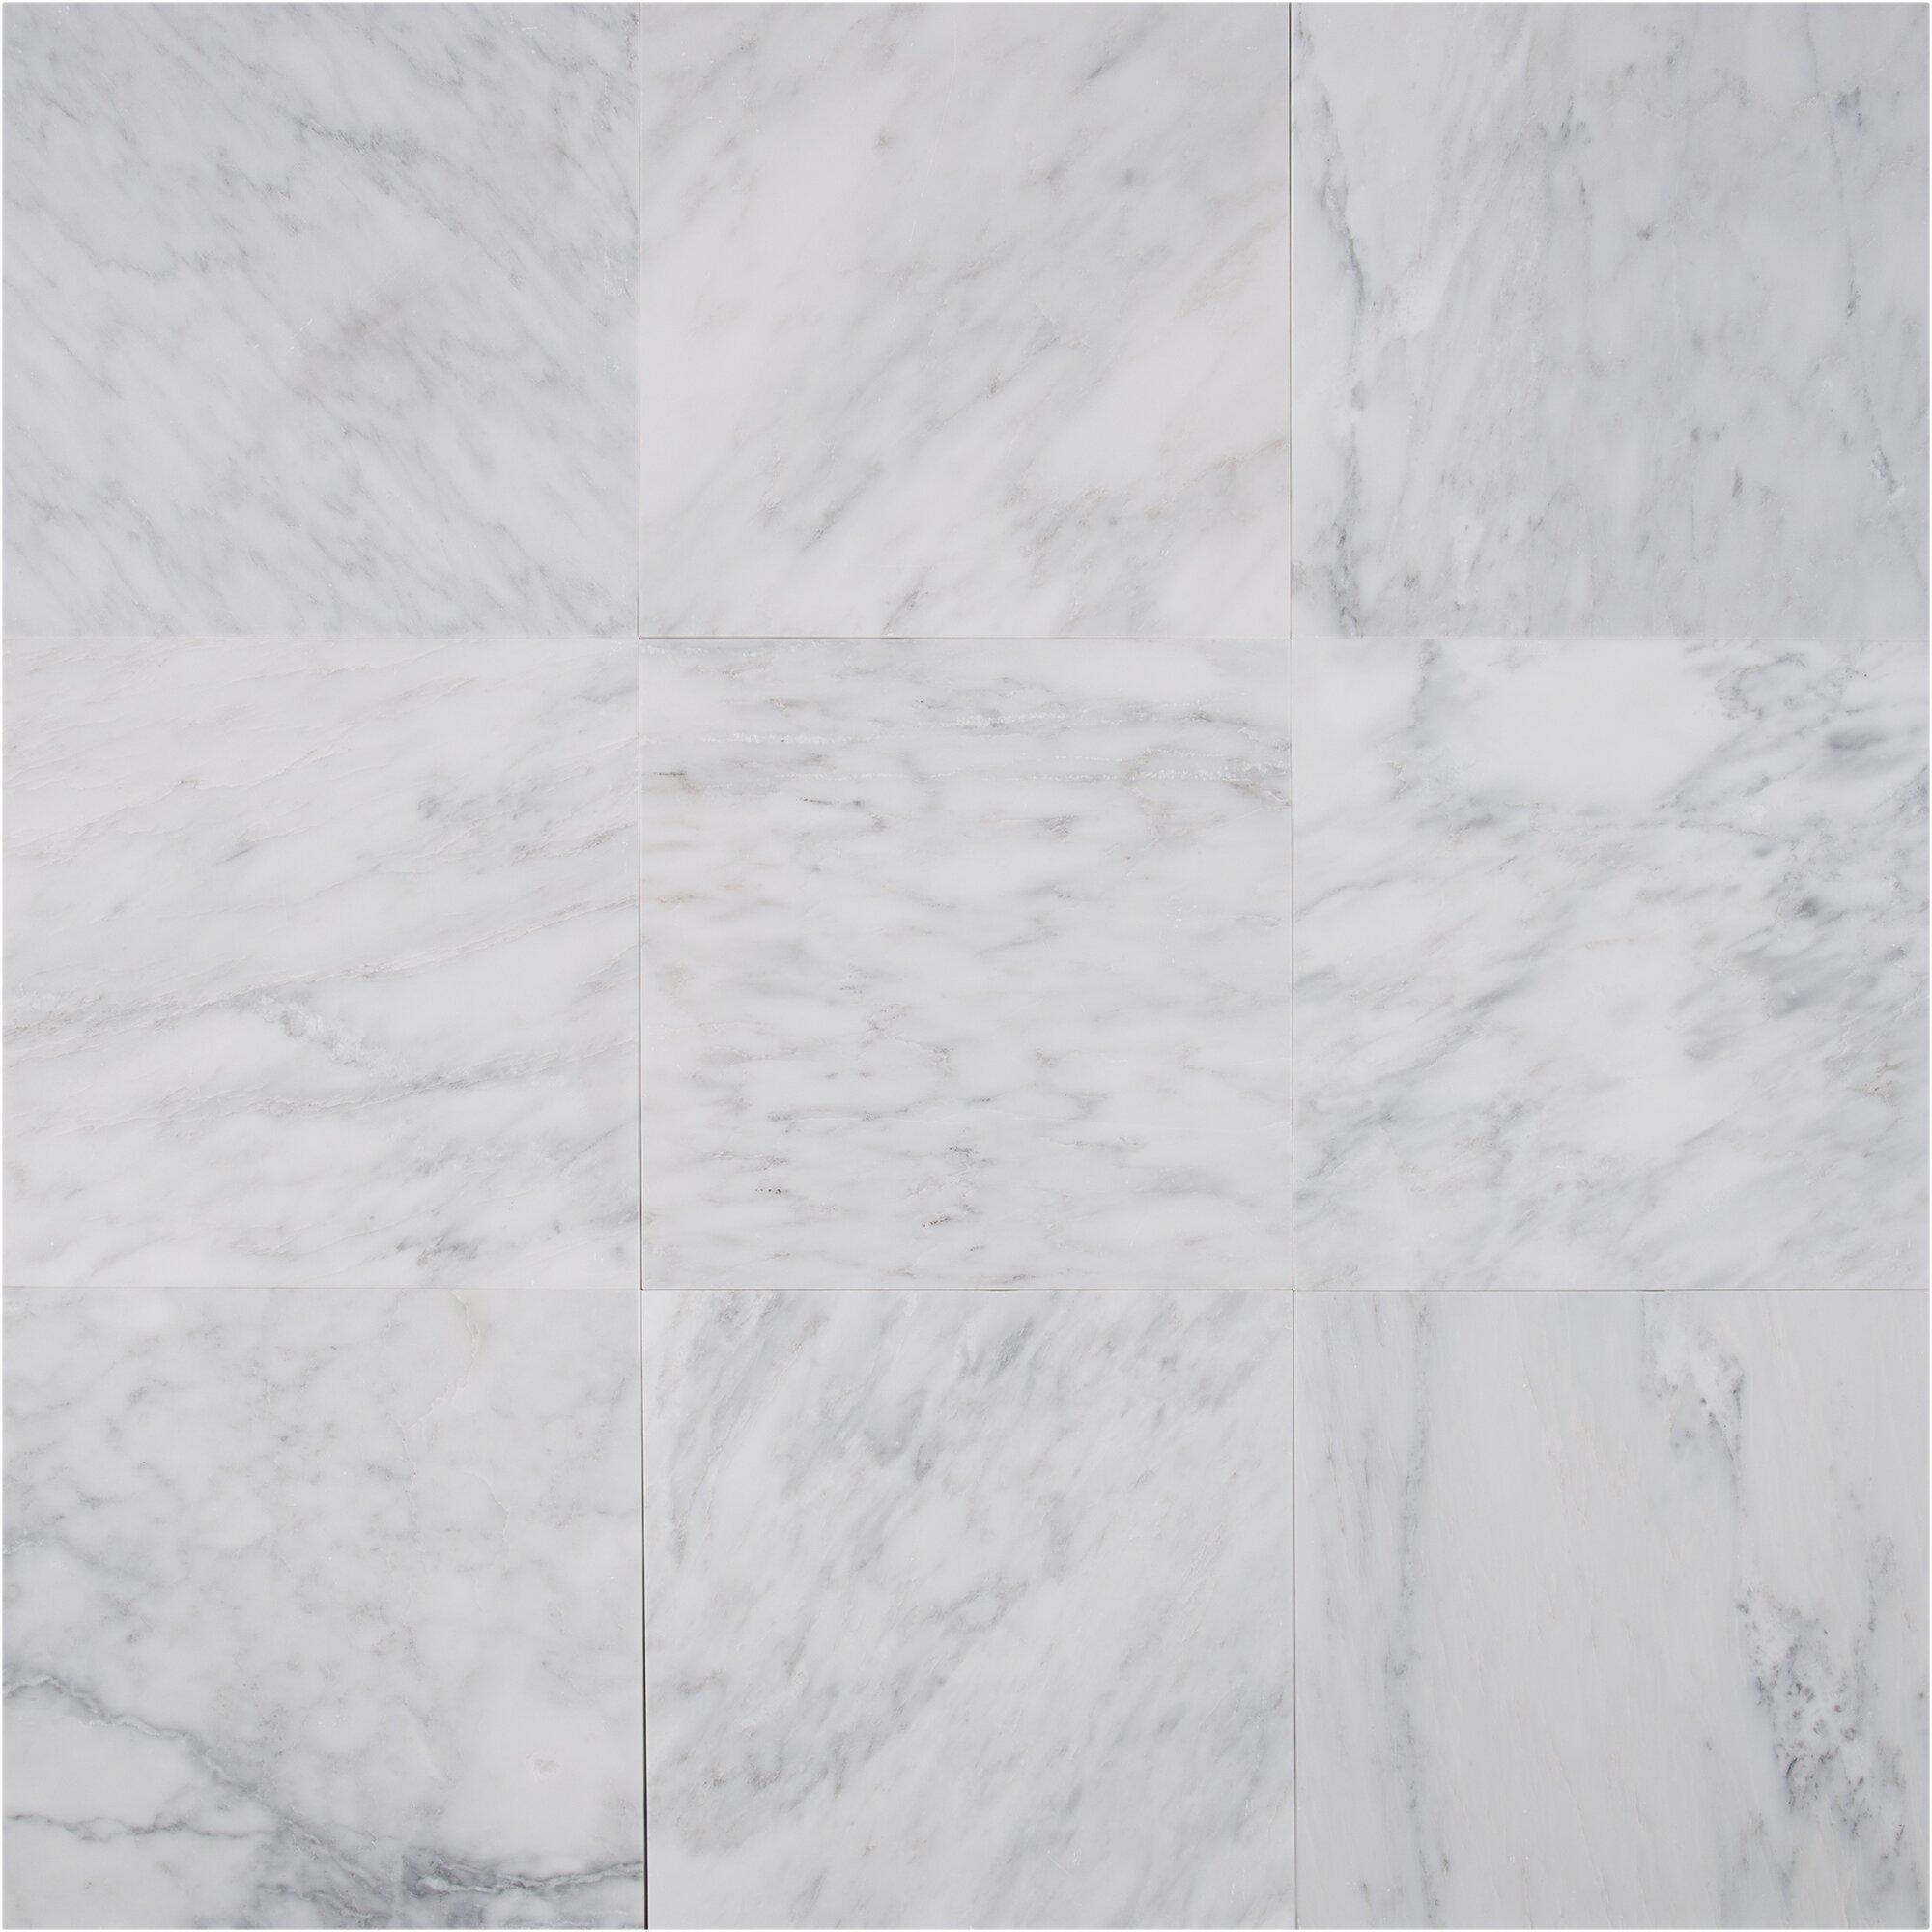 Arabescato Carrara Marble : Msi  marble field tile in arabescato carrara